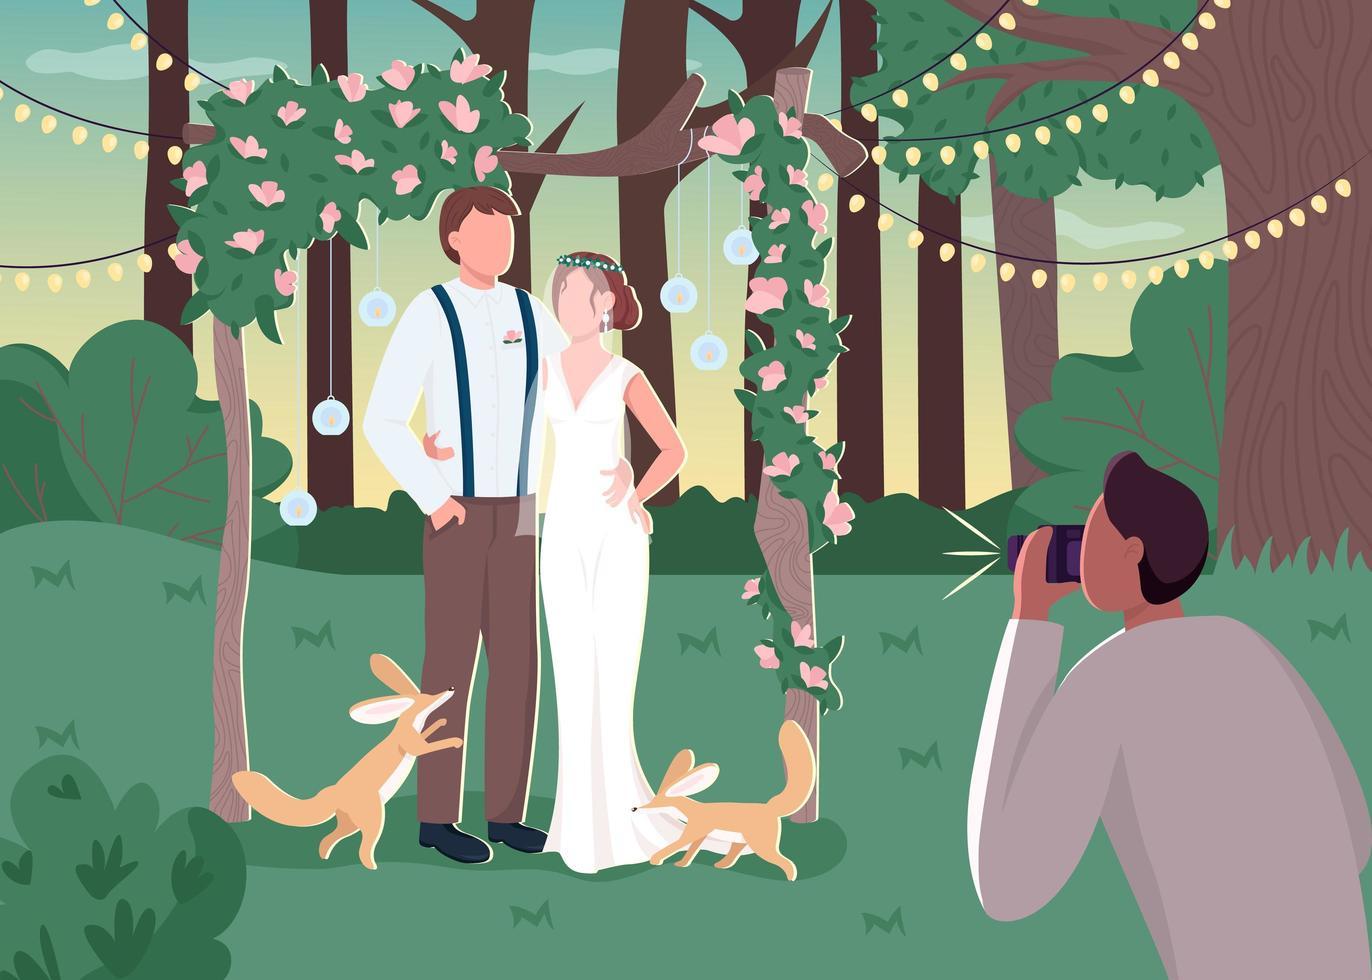 pareja de recién casados ?? en photozone rústico vector